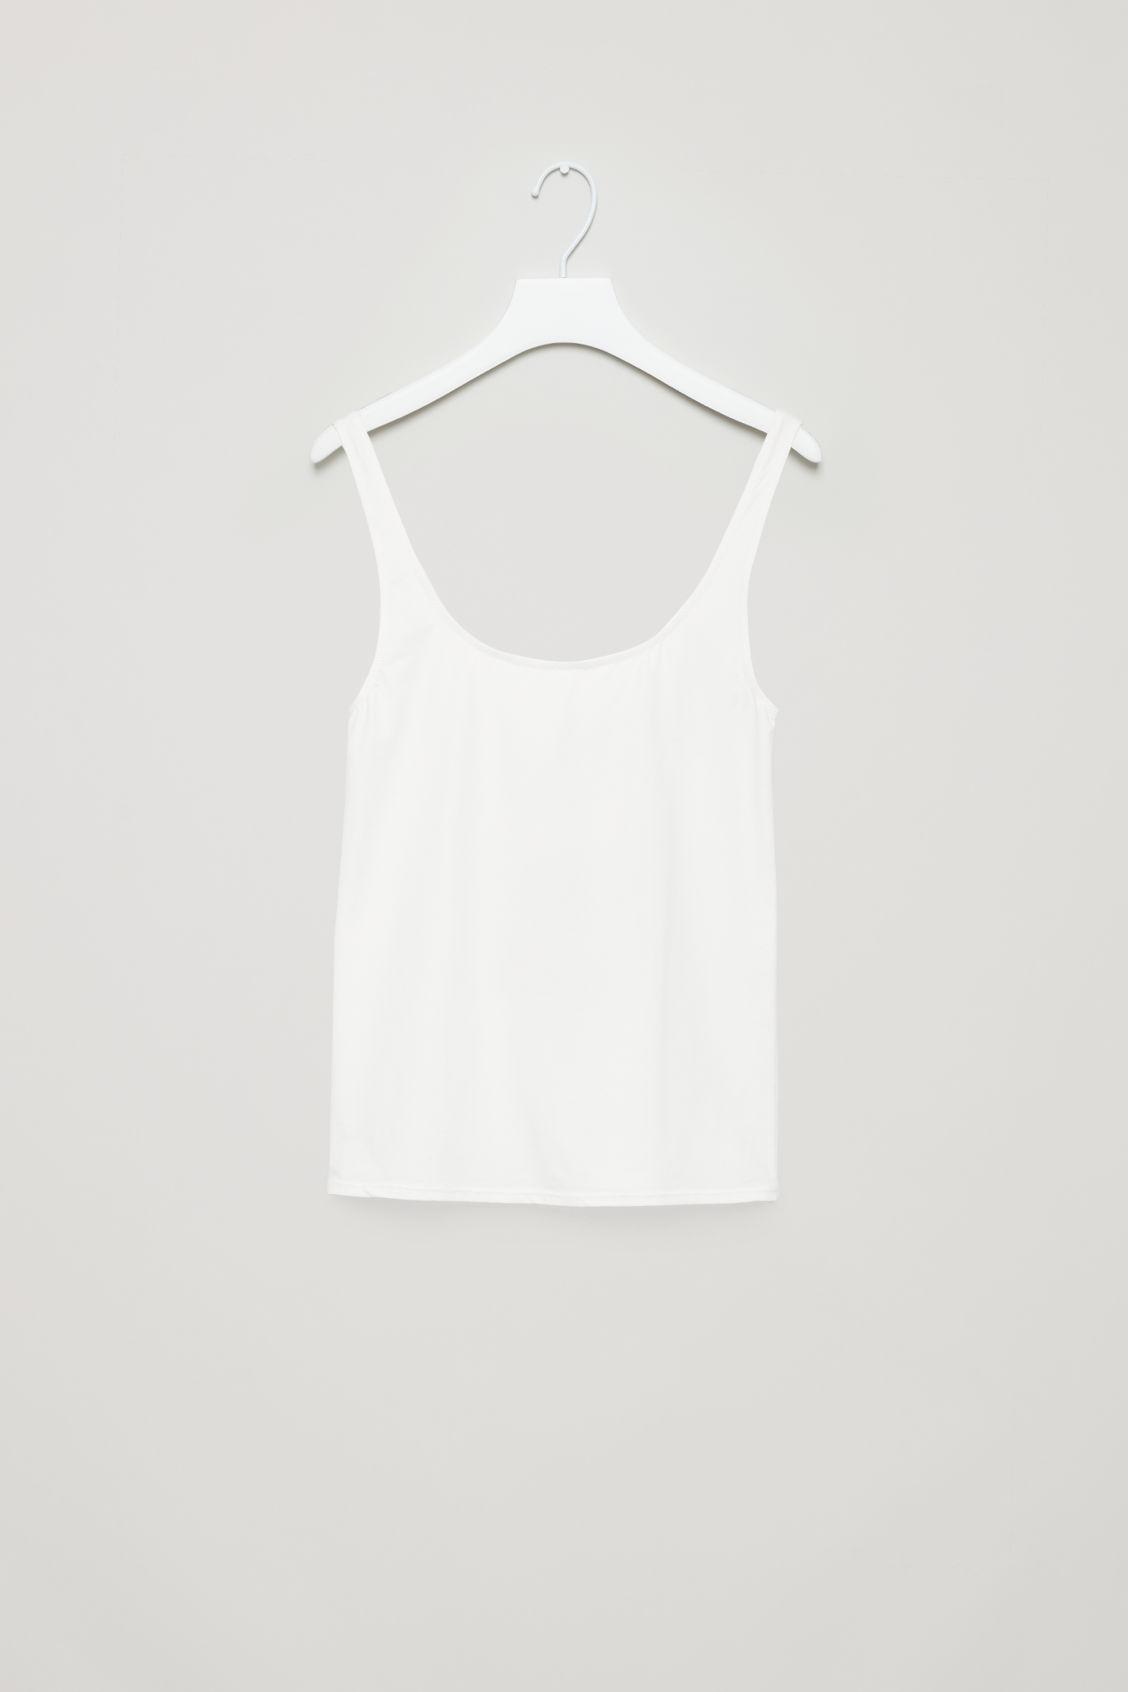 293d121a1e469 SEAMLESS VEST TOP - Black - Underwear - COS